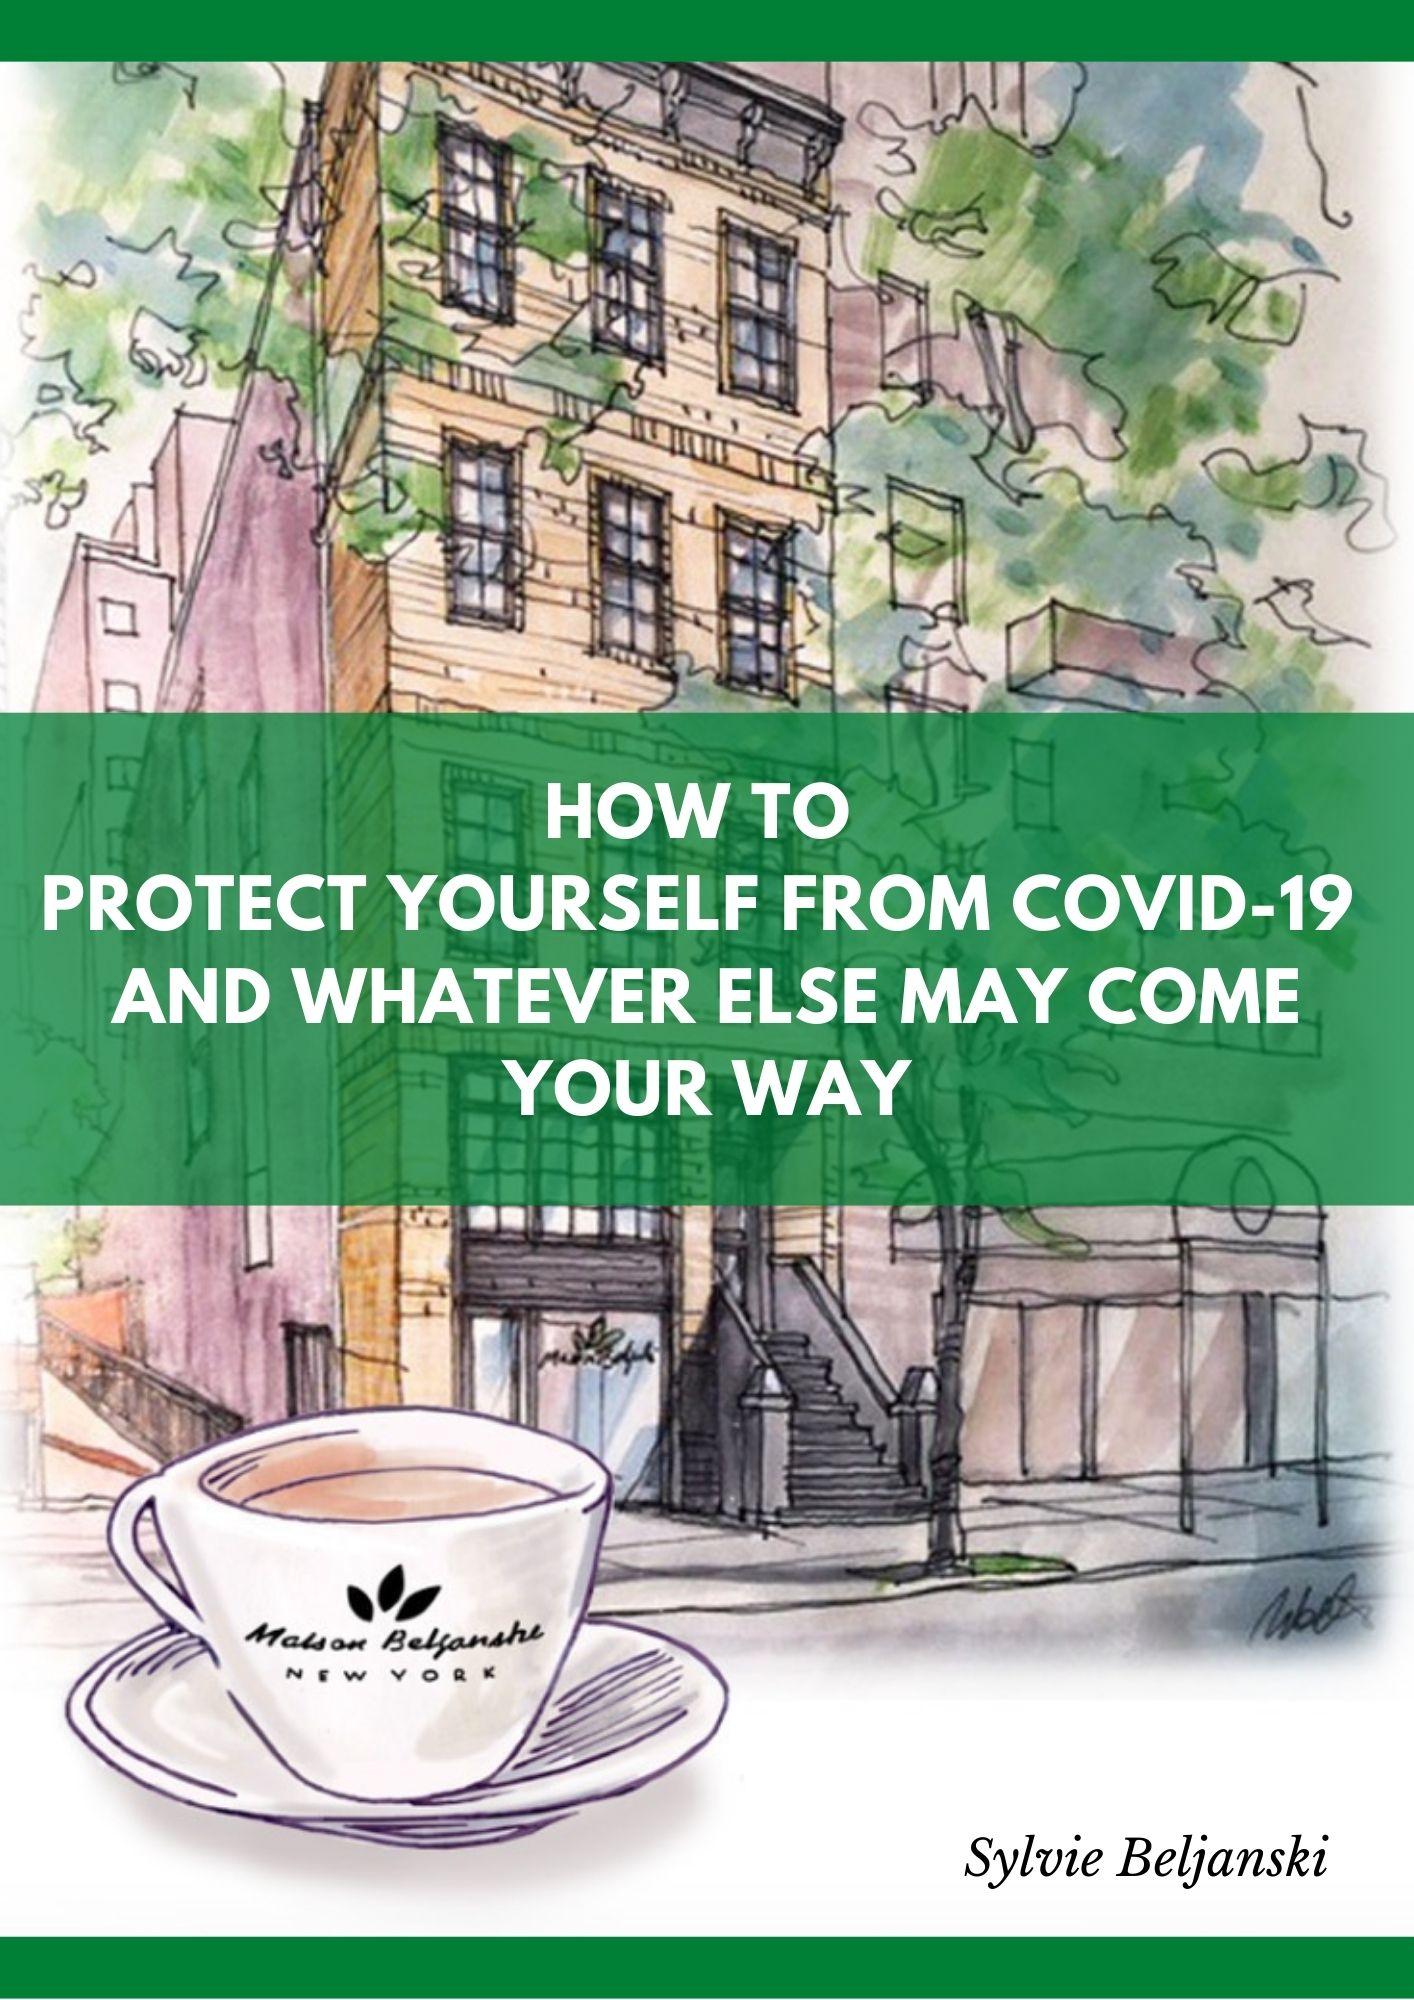 covid-19 ebook